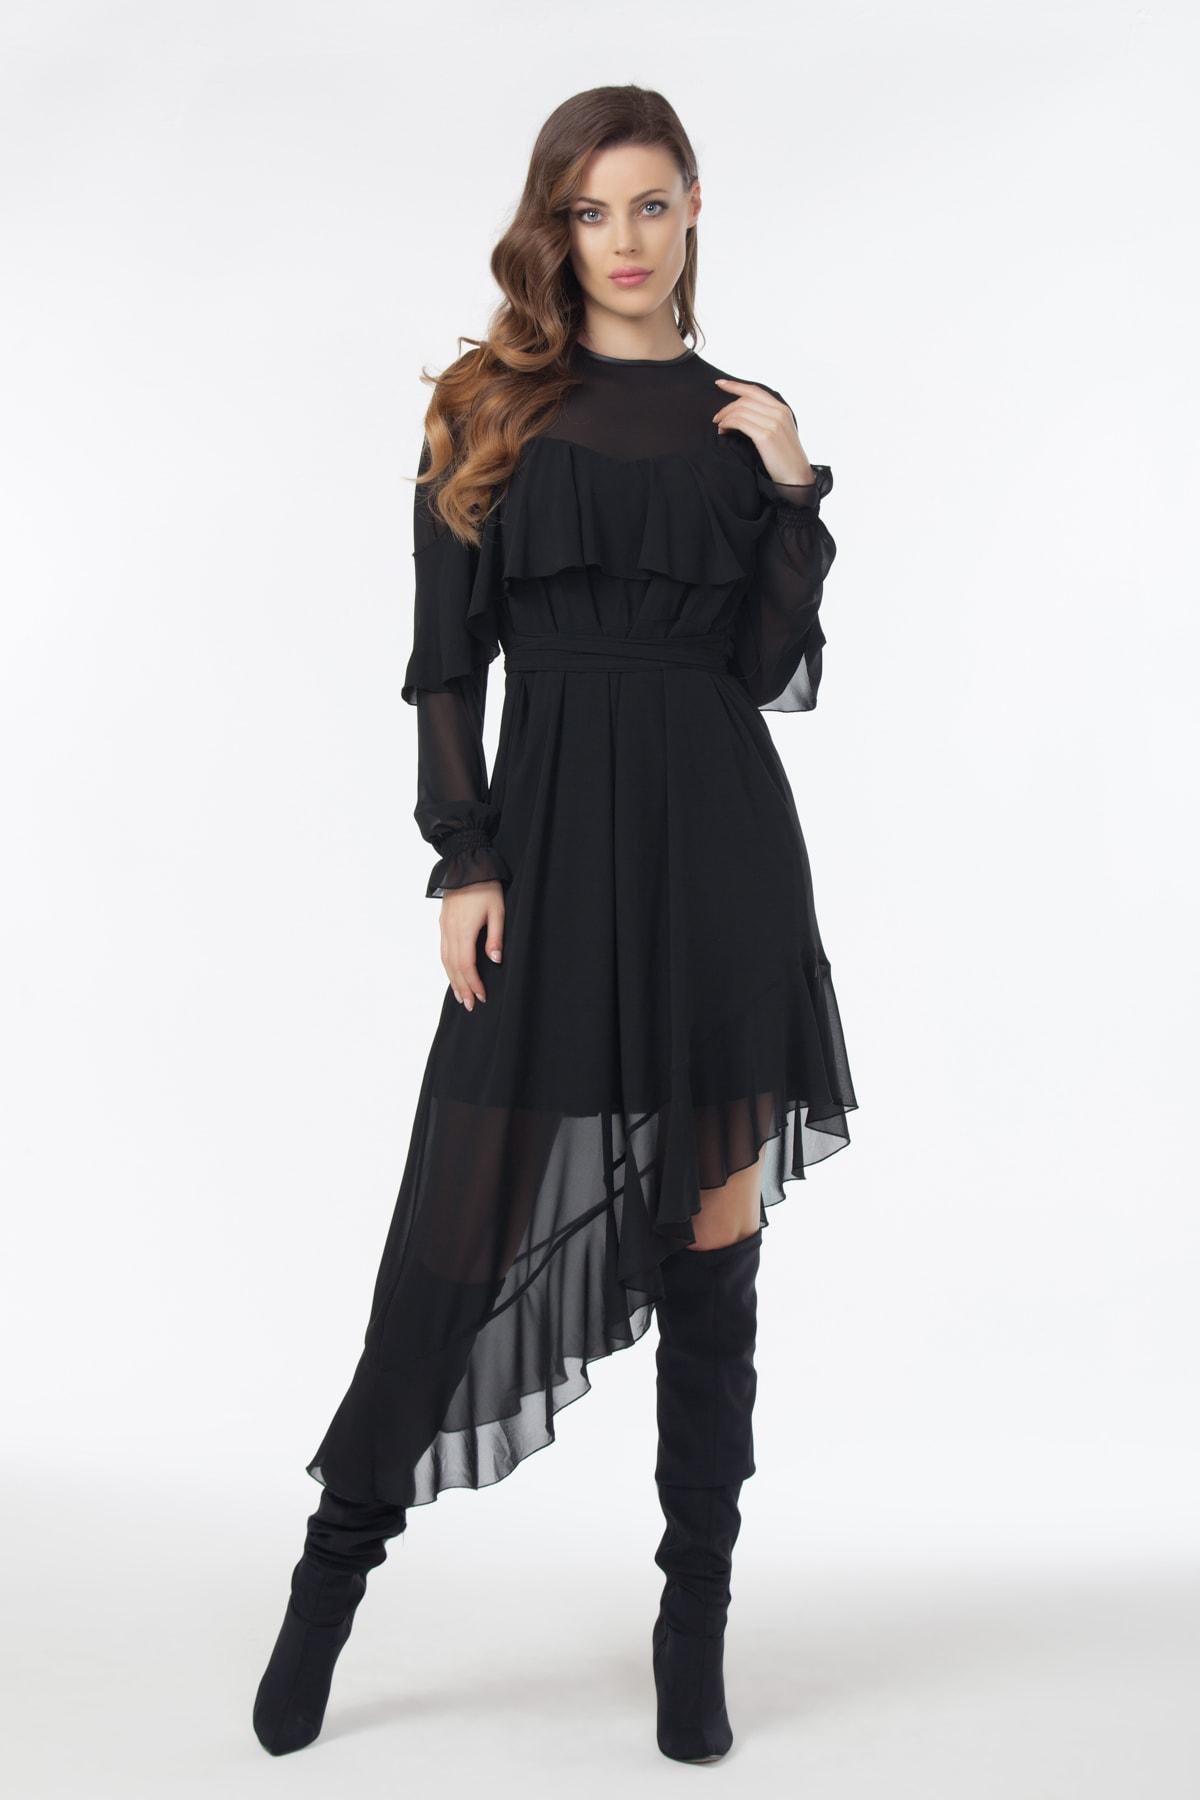 Laranor Kadın Siyah Asimetrik Kesim Şifon Elbise 19L6447 1